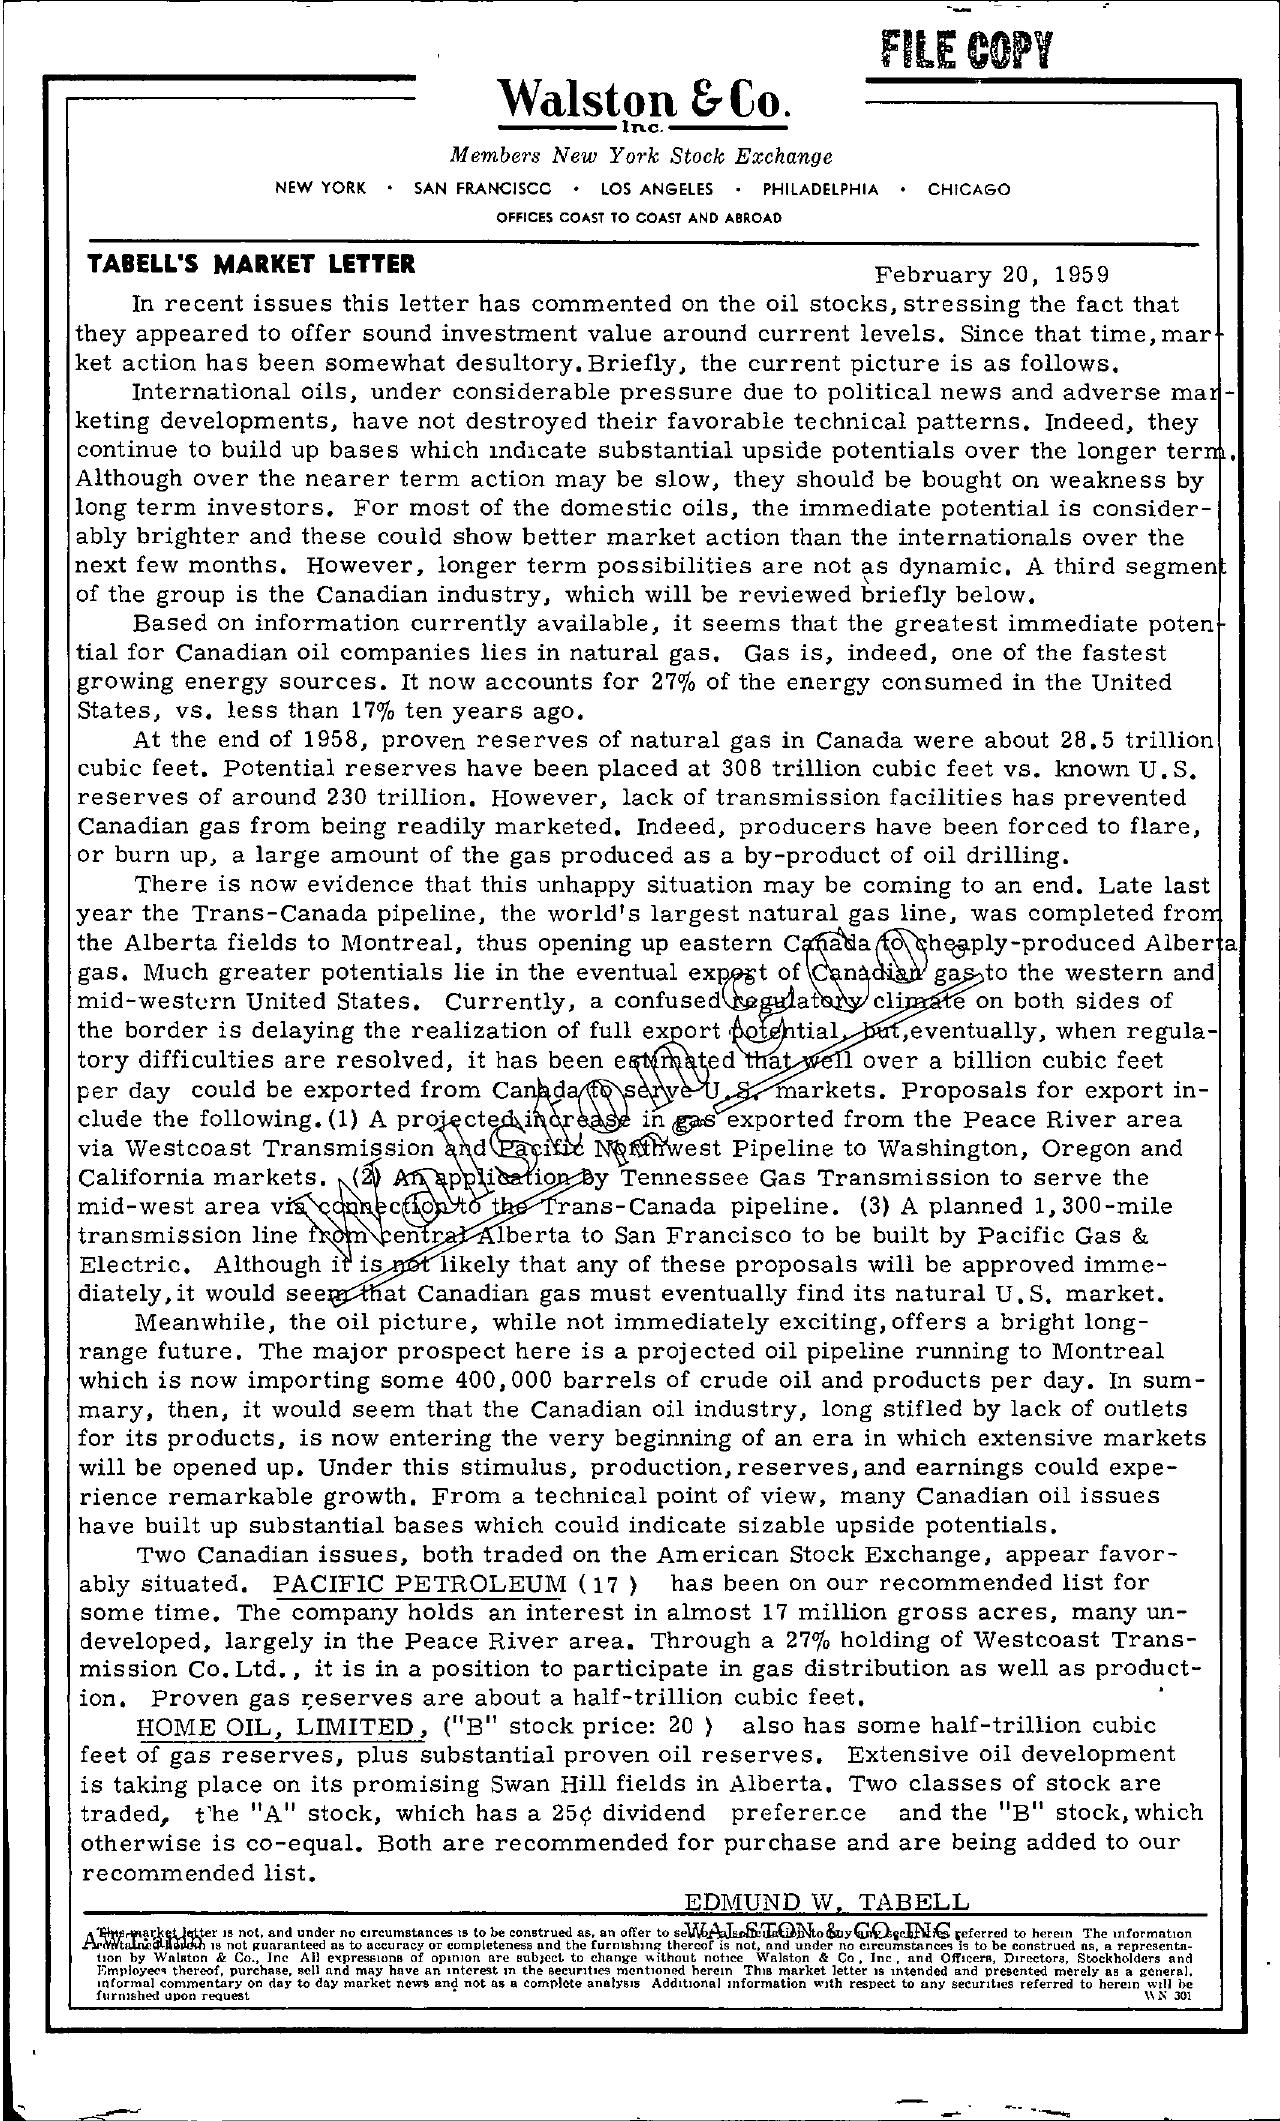 Tabell's Market Letter - February 20, 1959